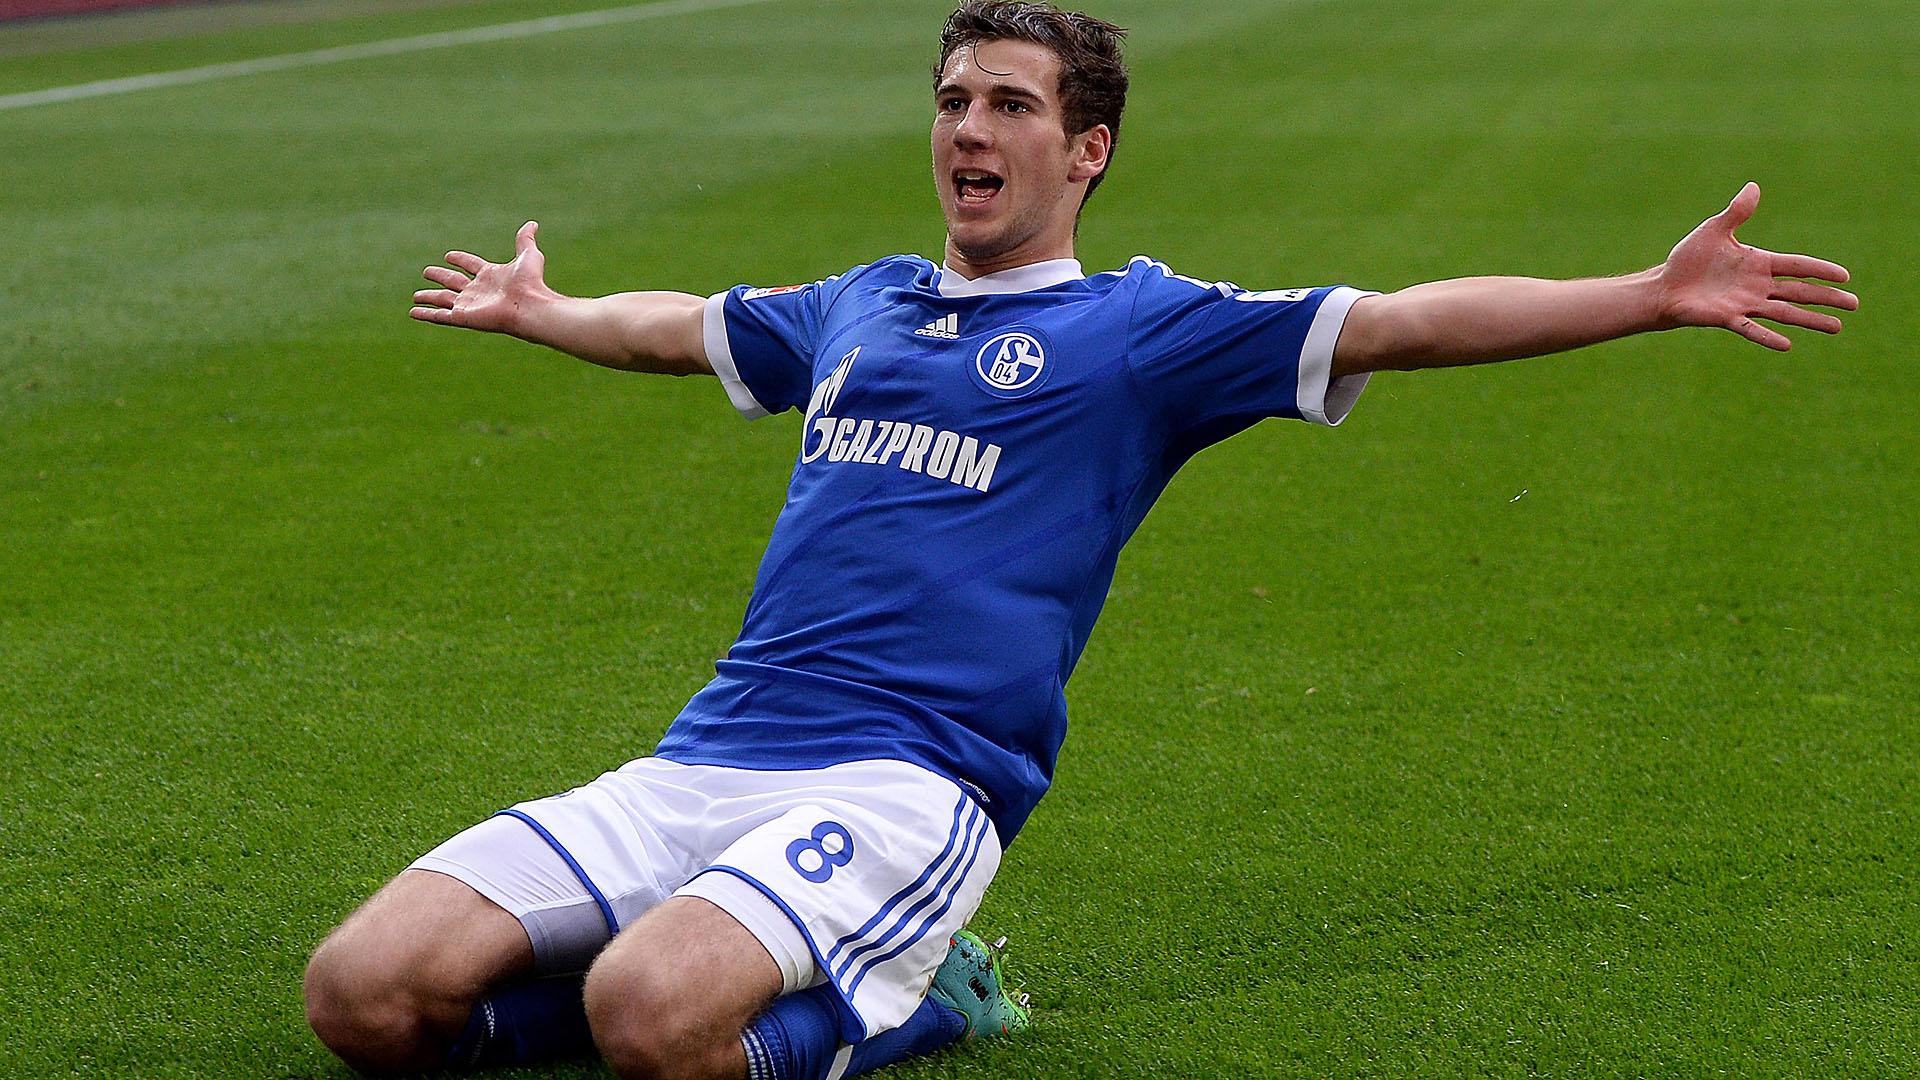 Transferencias: ¡Un internacional alemán quiere unirse al Barça!